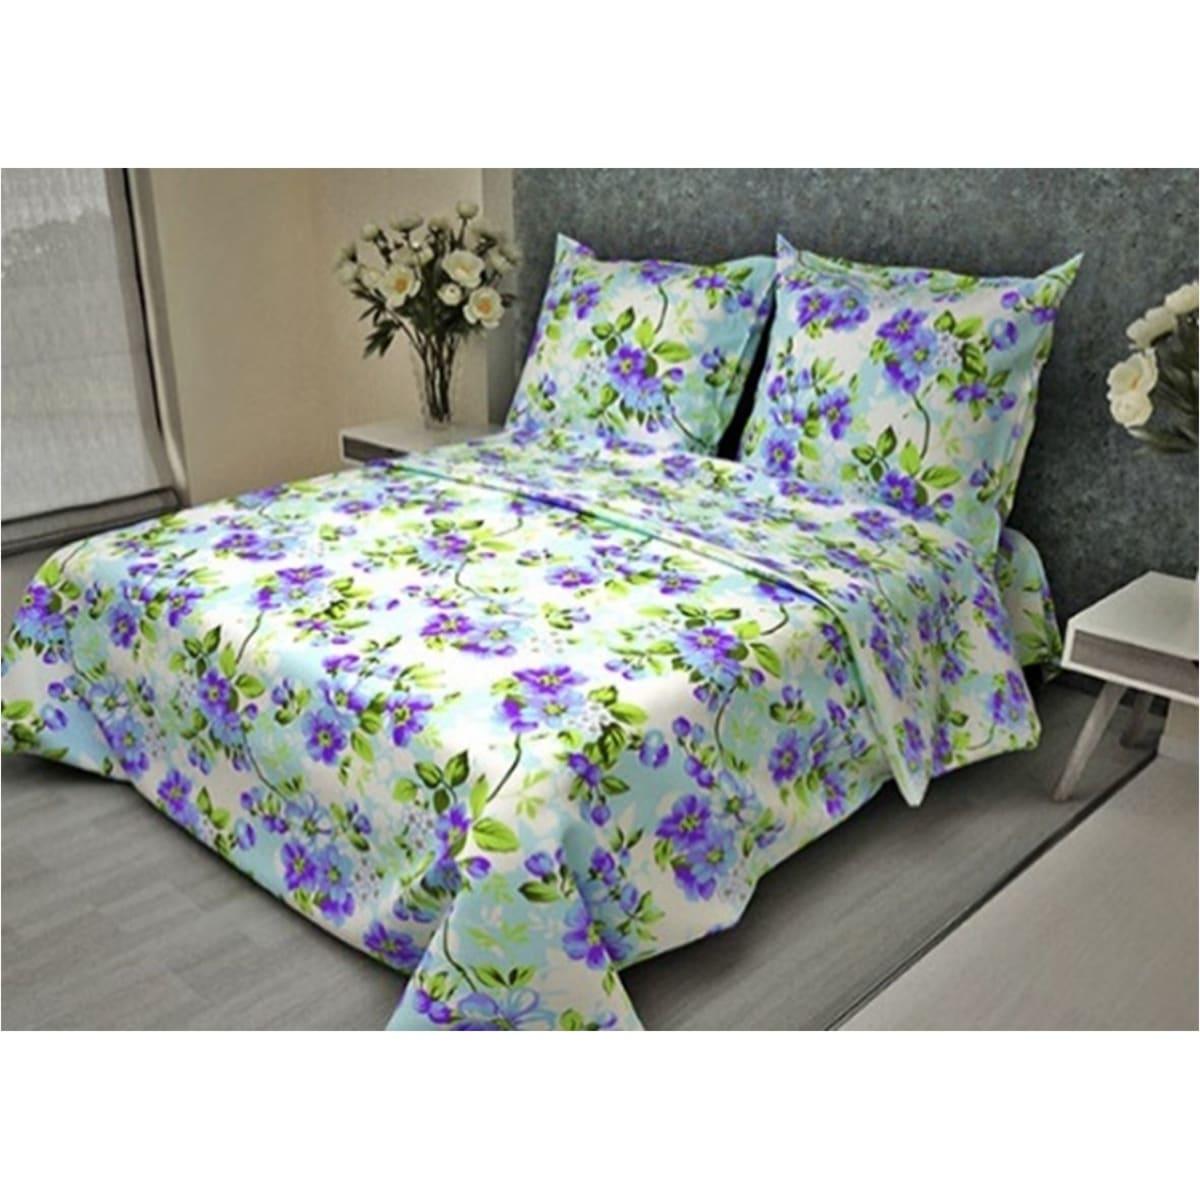 Комплект постельного белья евро FIORELLY  Яблоневый цвет, бязь, 70x70 см